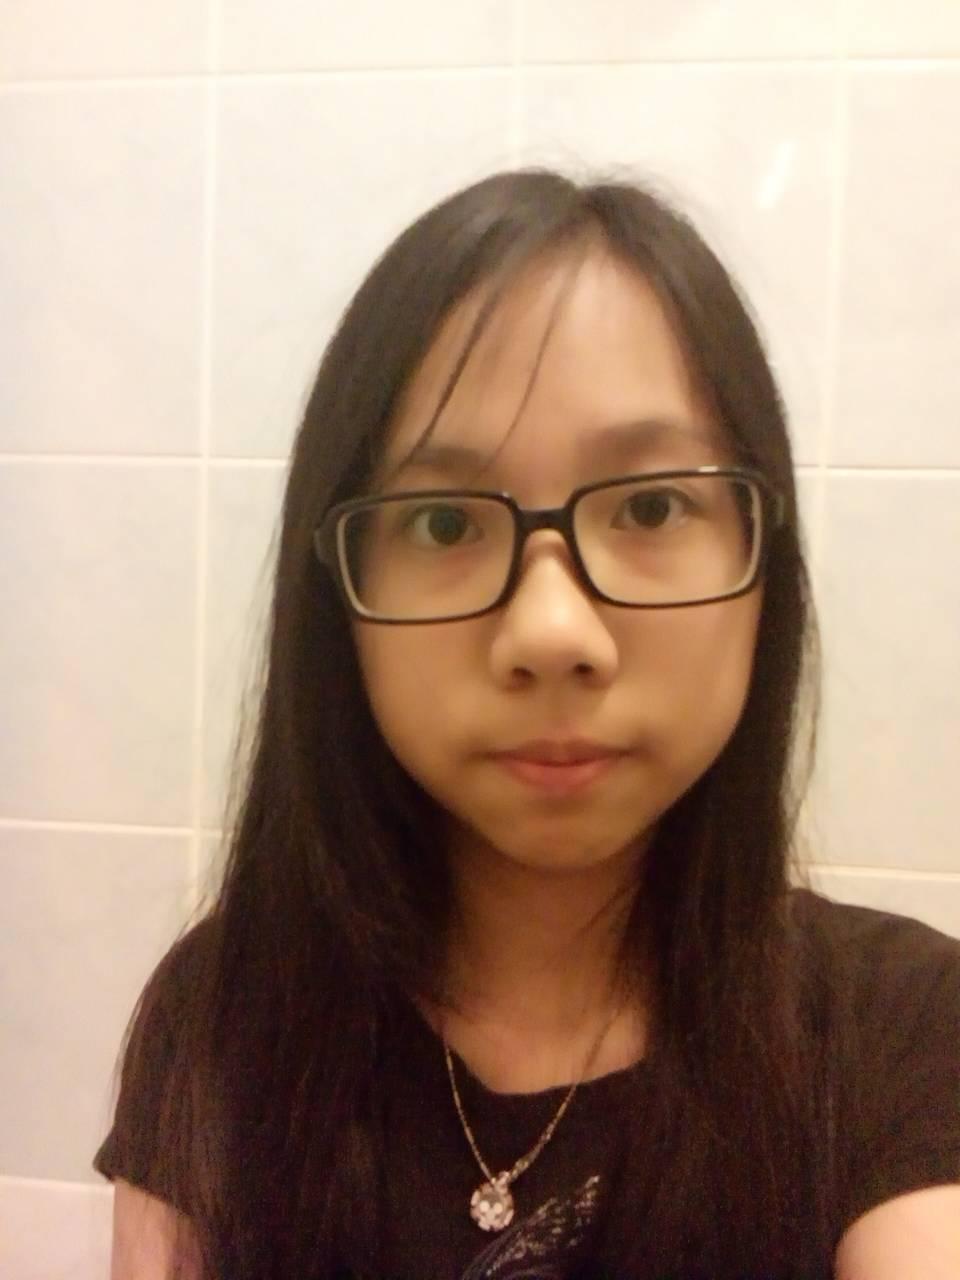 我想剪齐刘海 适合么图片